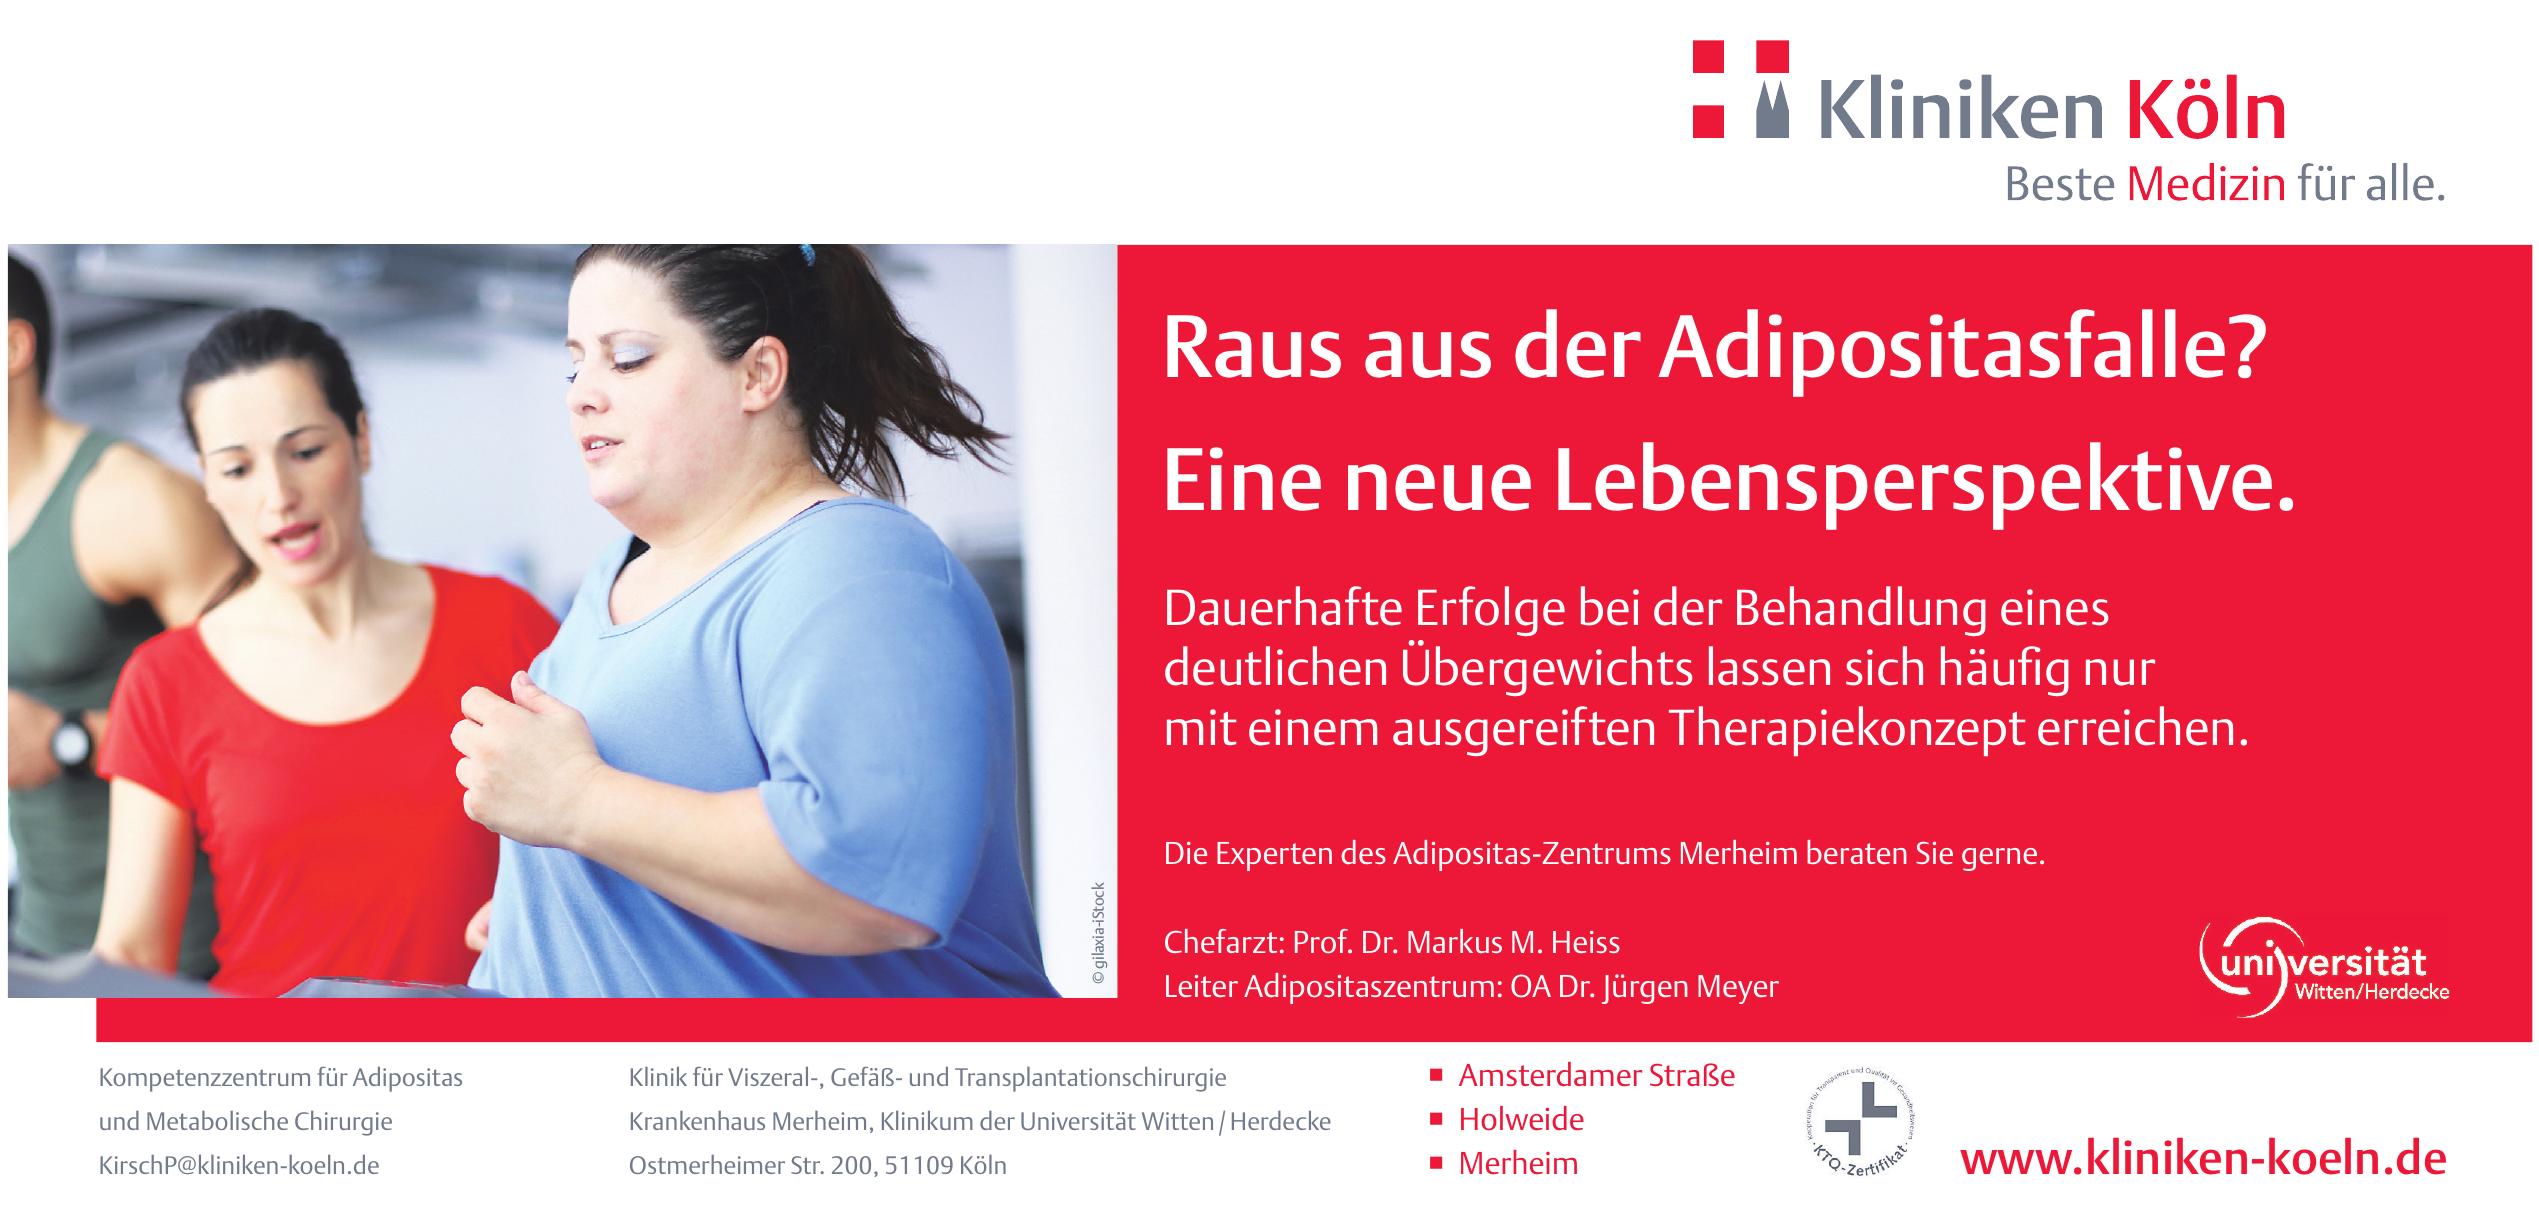 Kompetenzzentrum für Adipositas und Metabolische Chirurgie